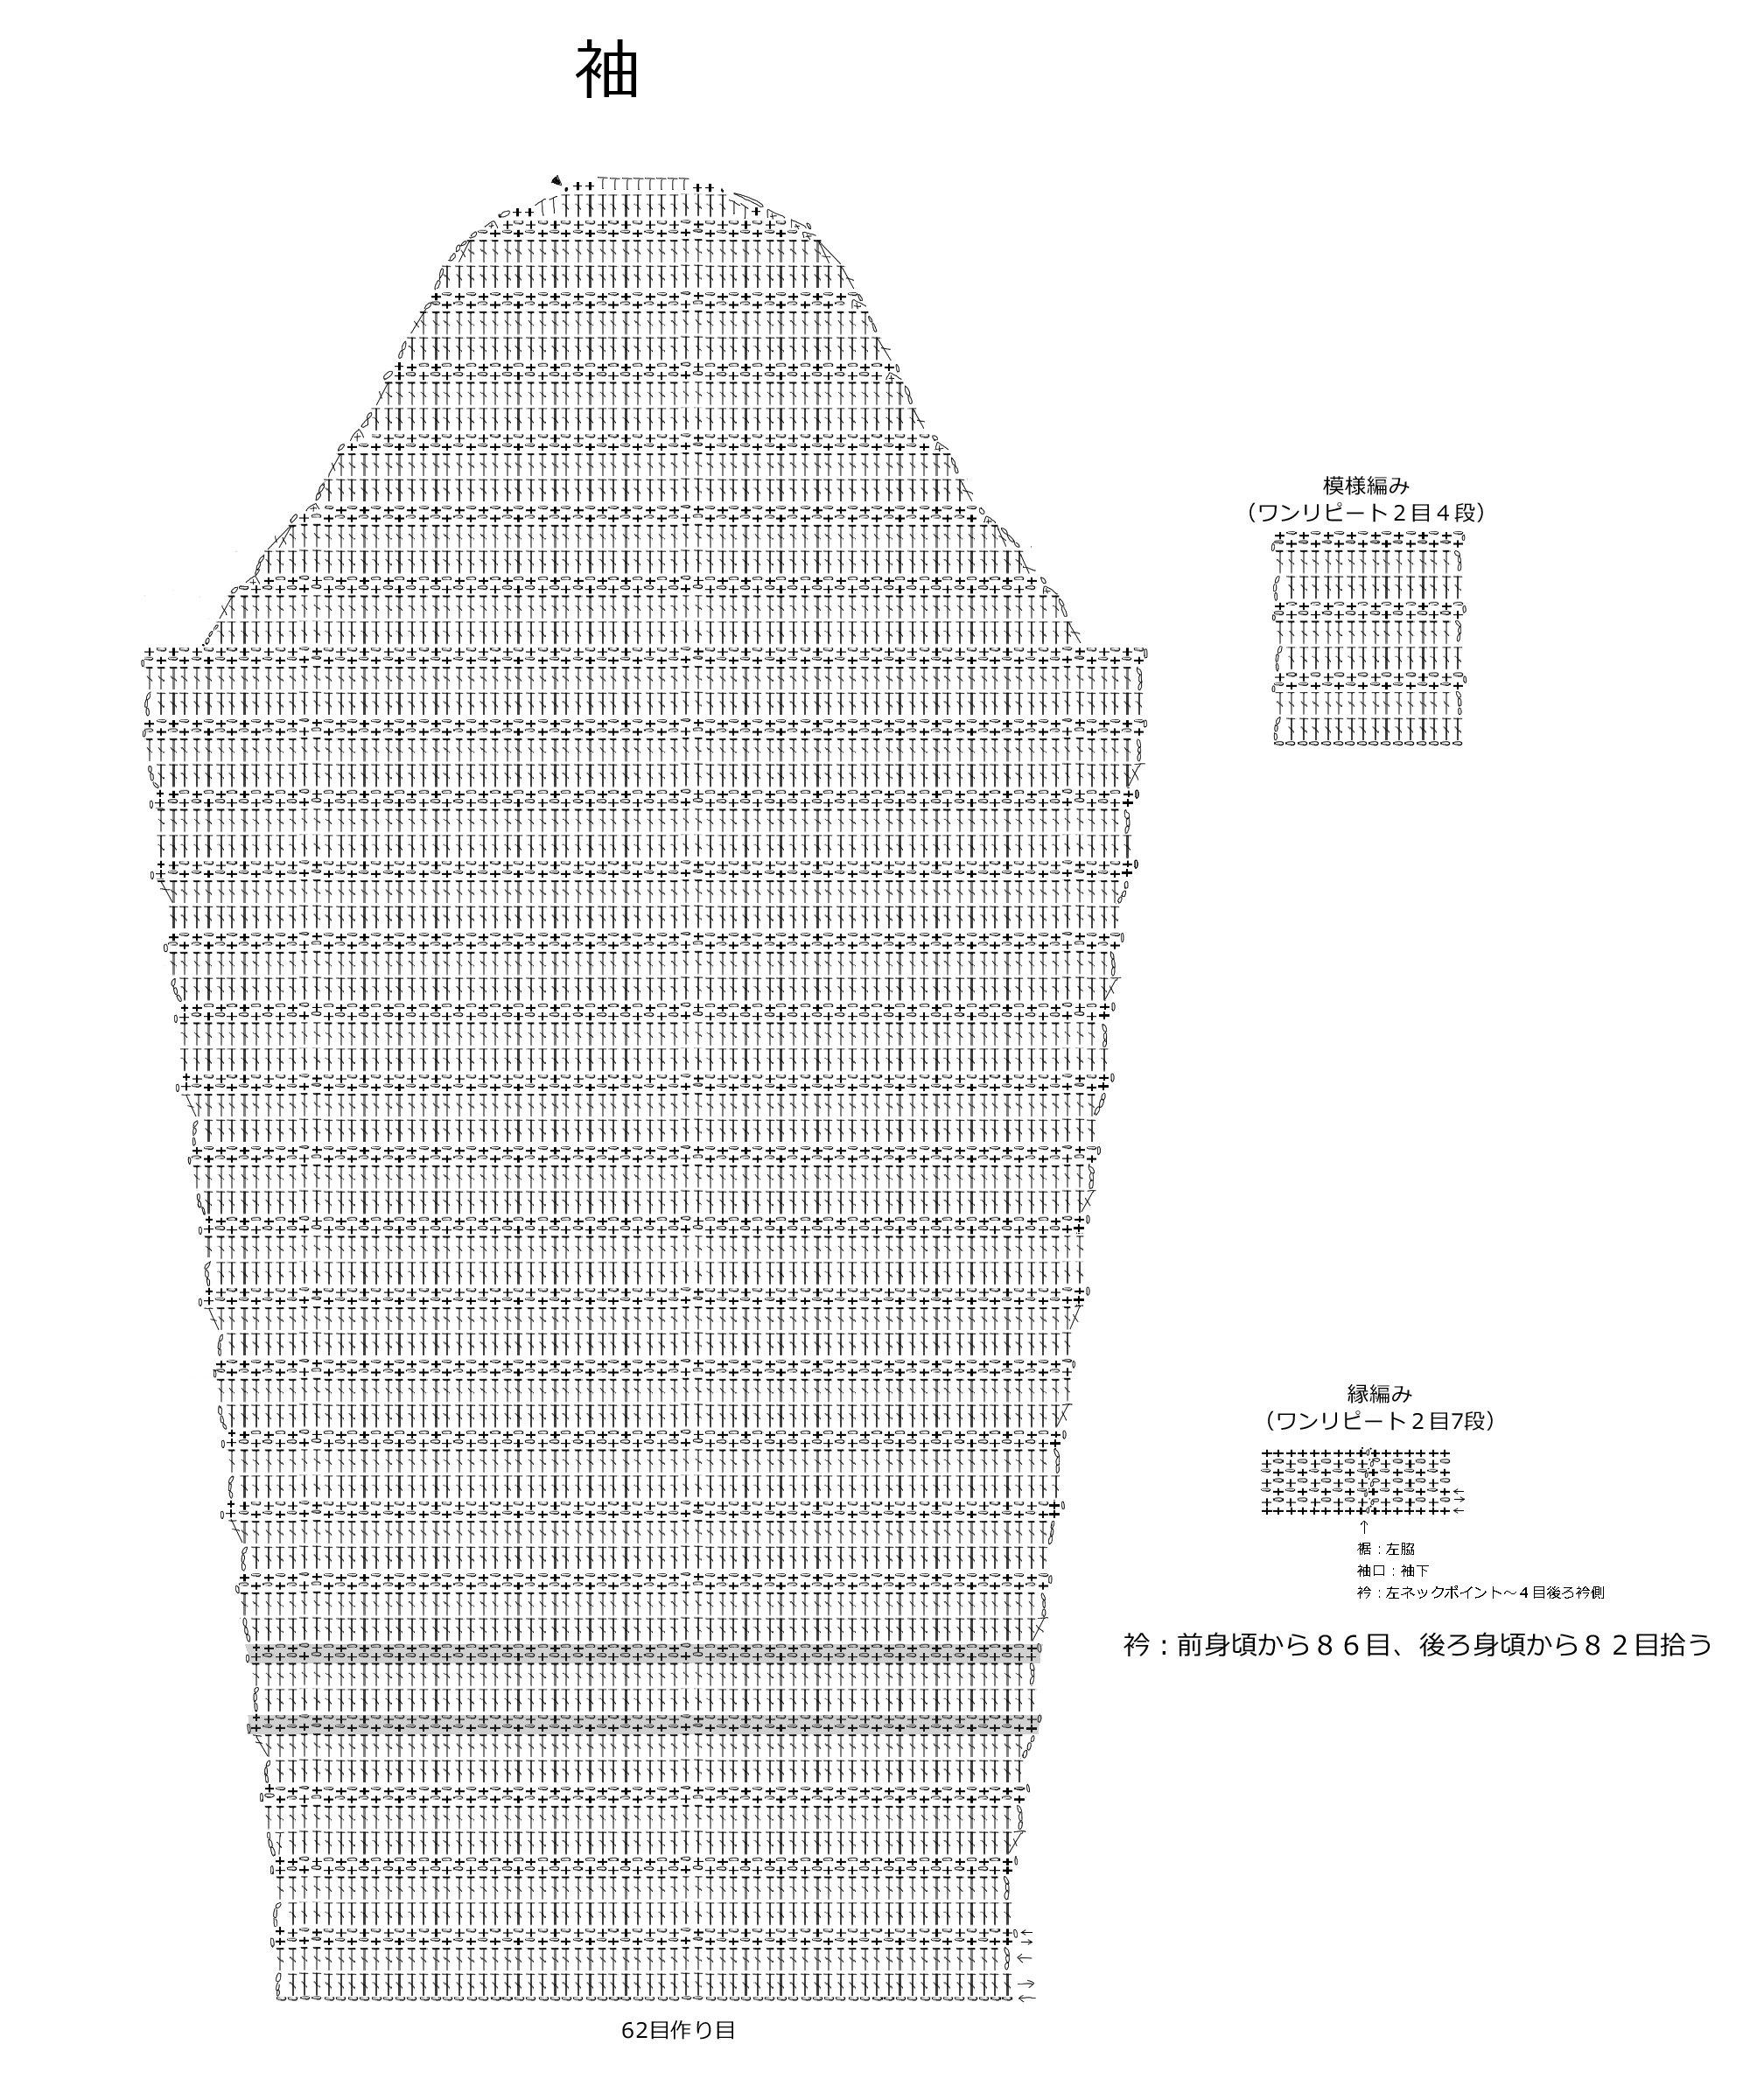 ボーダープルオーバー編み図S